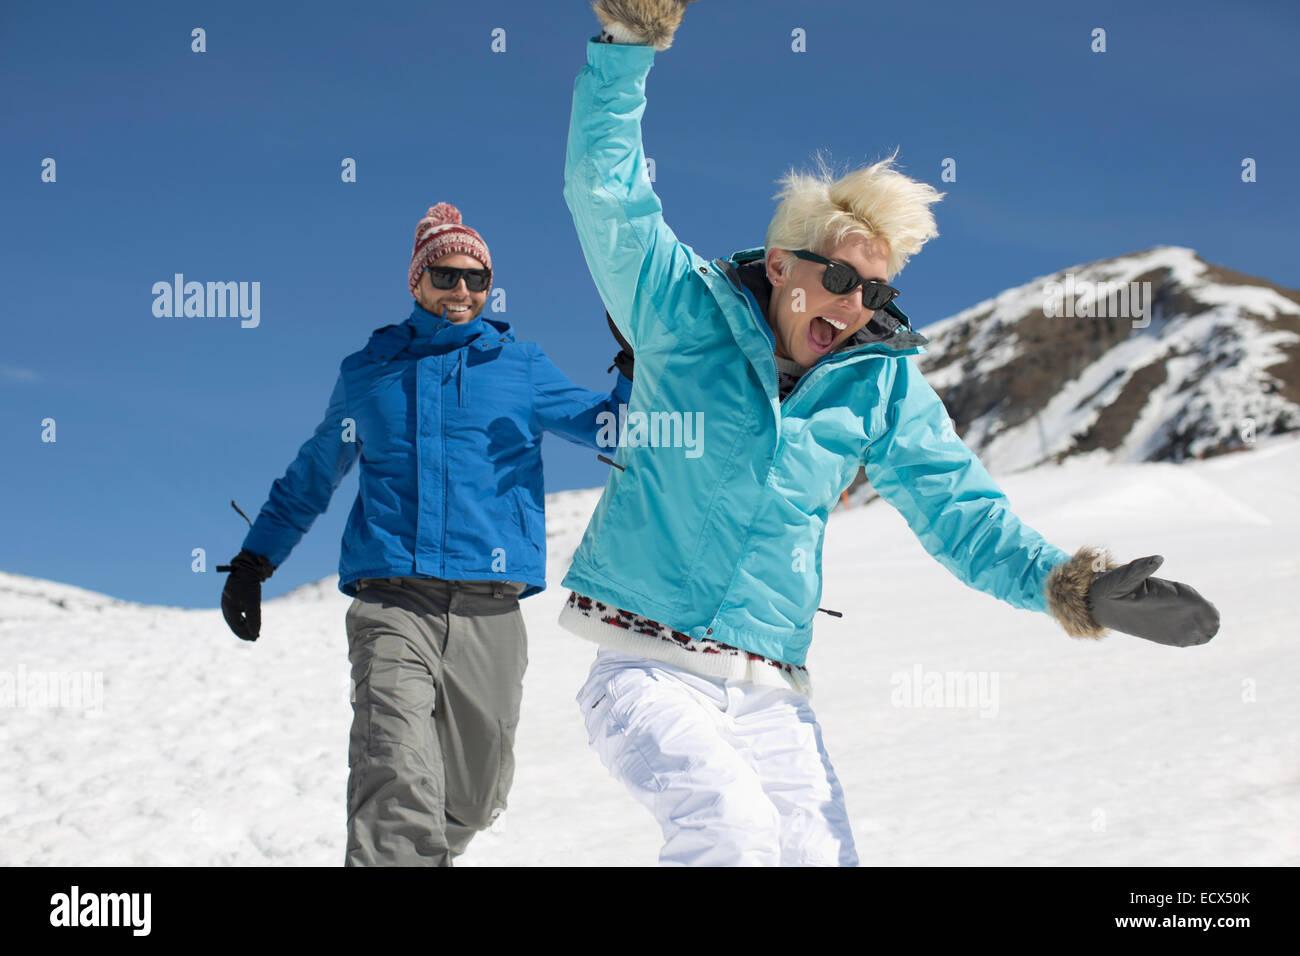 Coppia esuberante giocare nella neve Immagini Stock